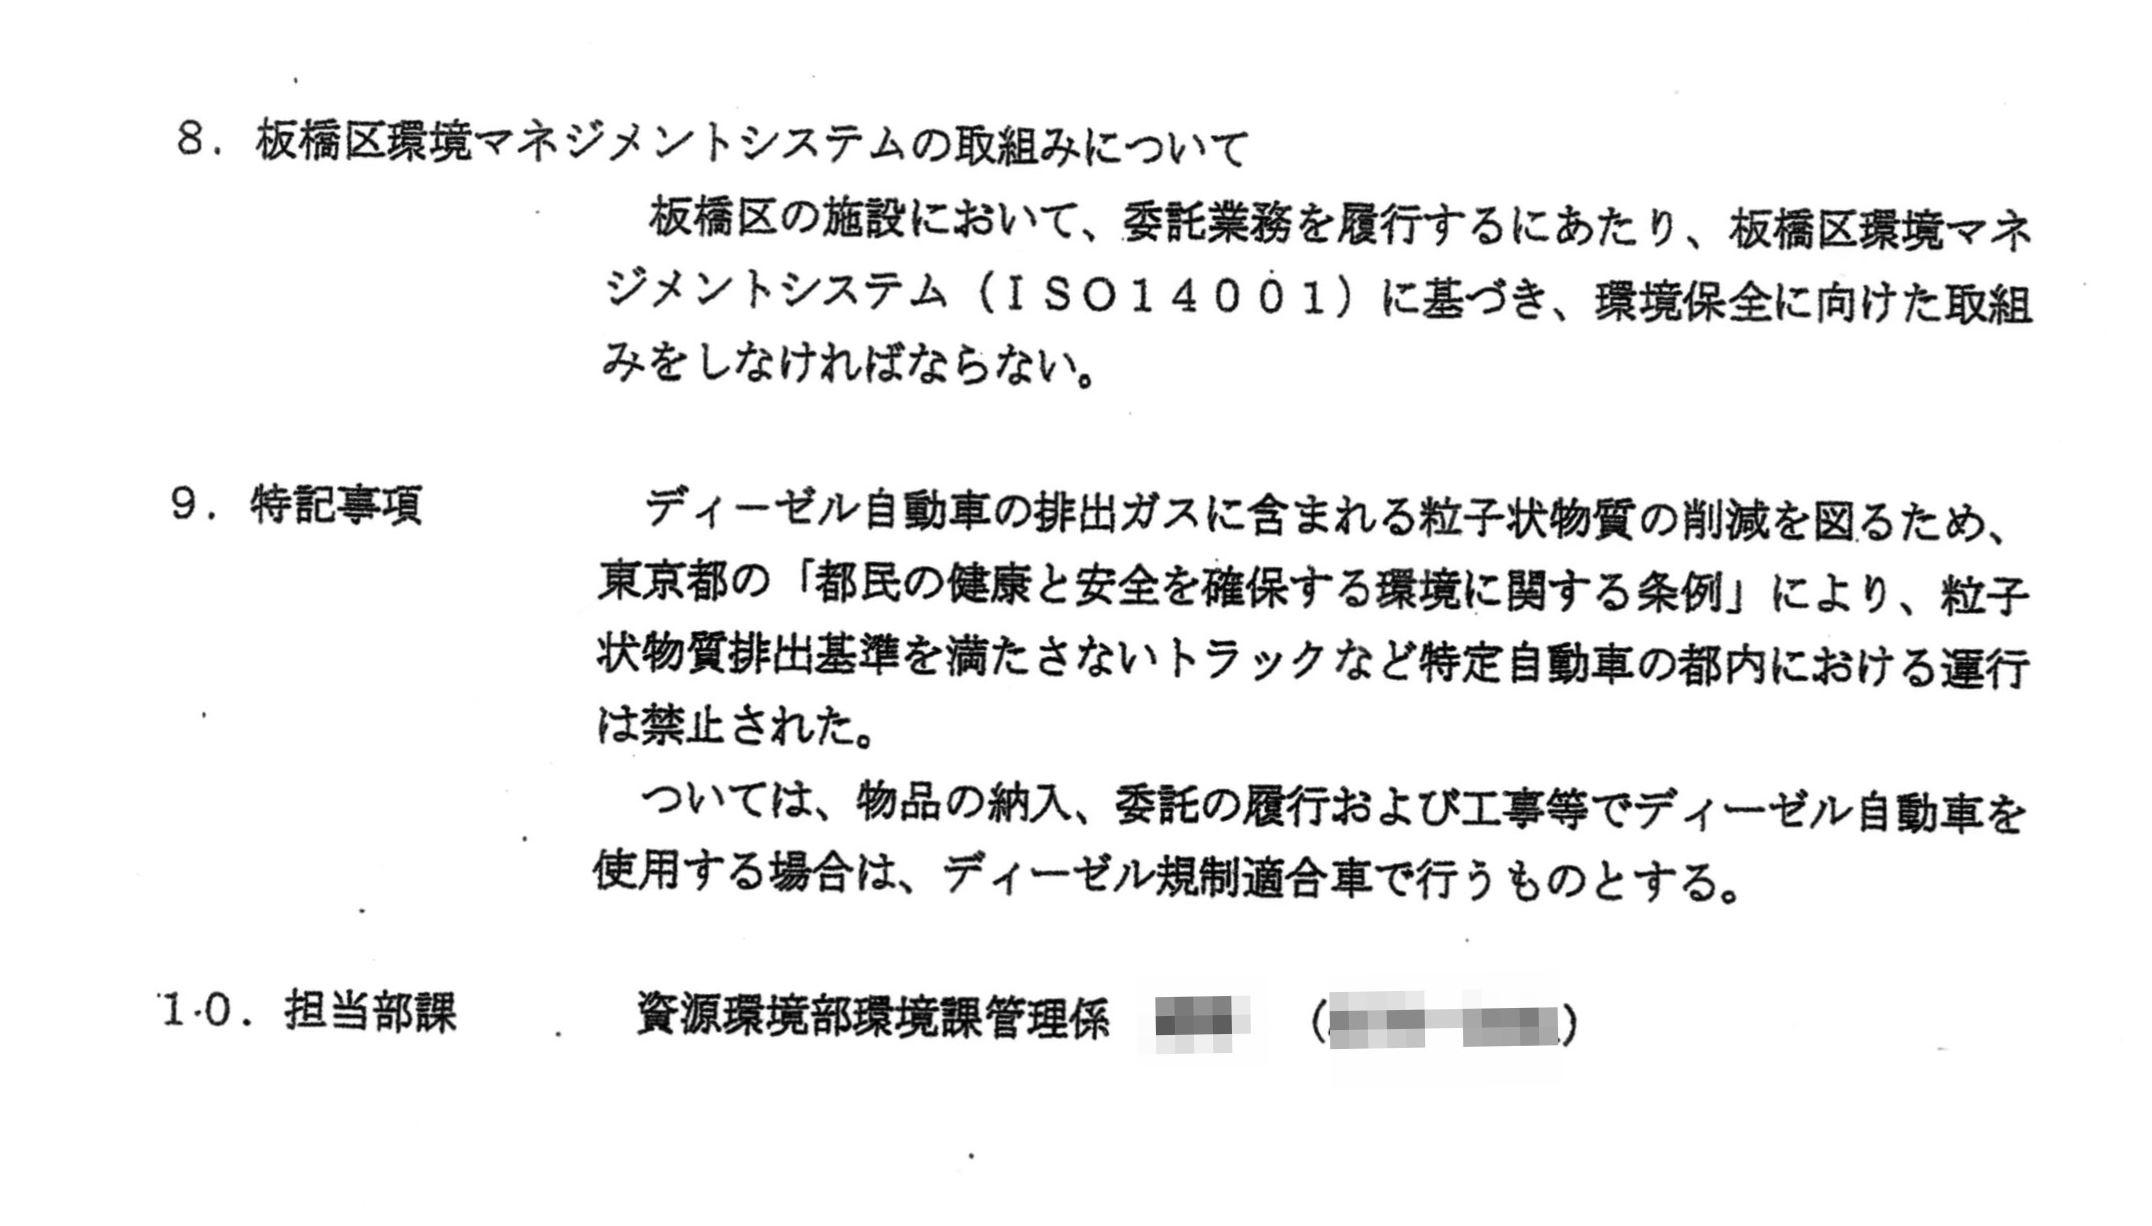 板橋区 ホタルの闇(8) 「むし企画」は何を知っているのか?_d0046141_21232748.jpg